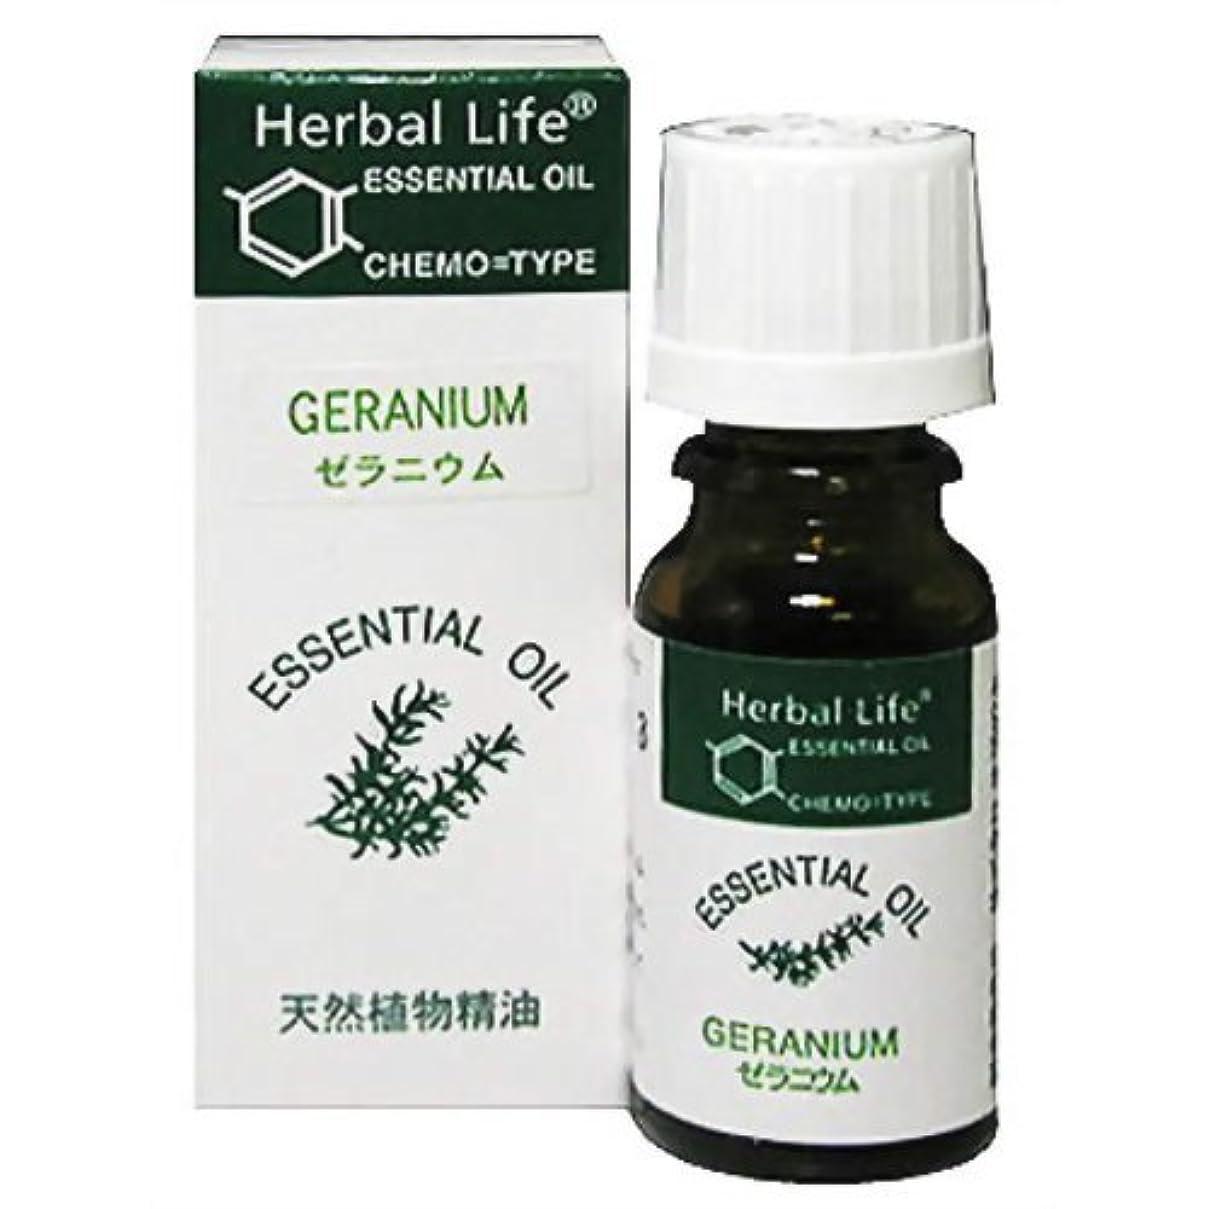 瀬戸際食用濃度Herbal Life ゼラニウム 10ml